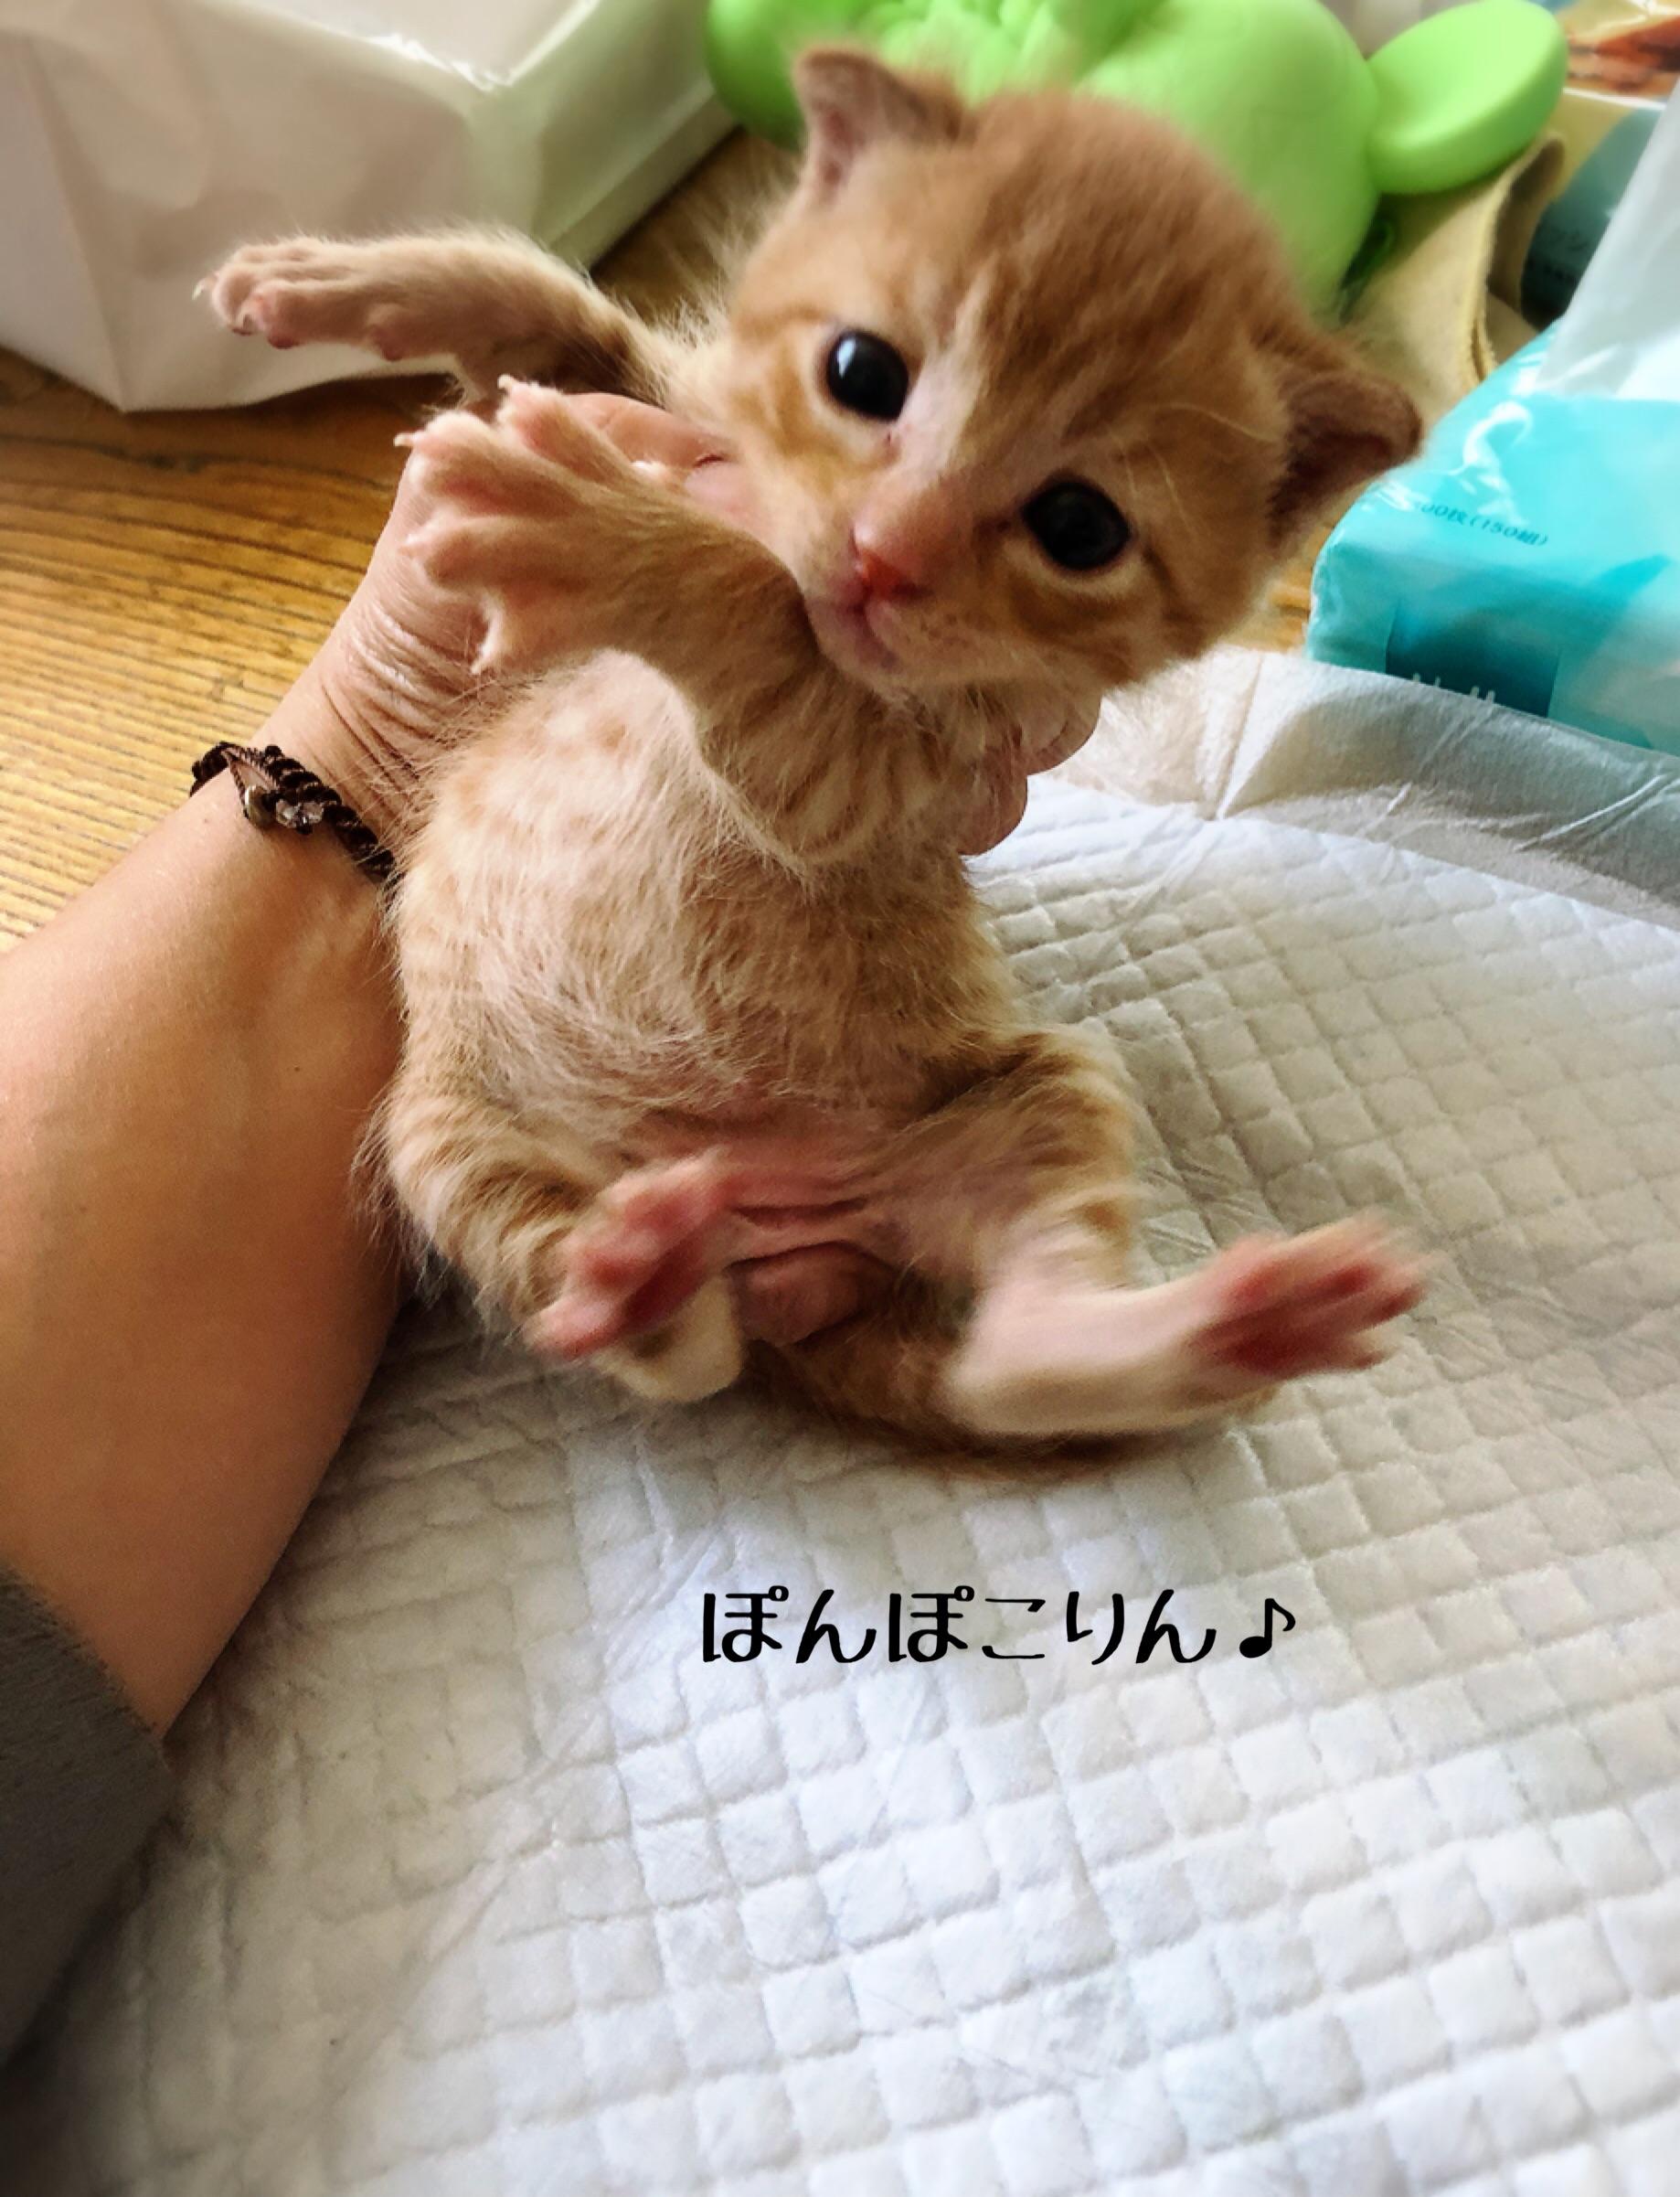 しない 猫 うんち